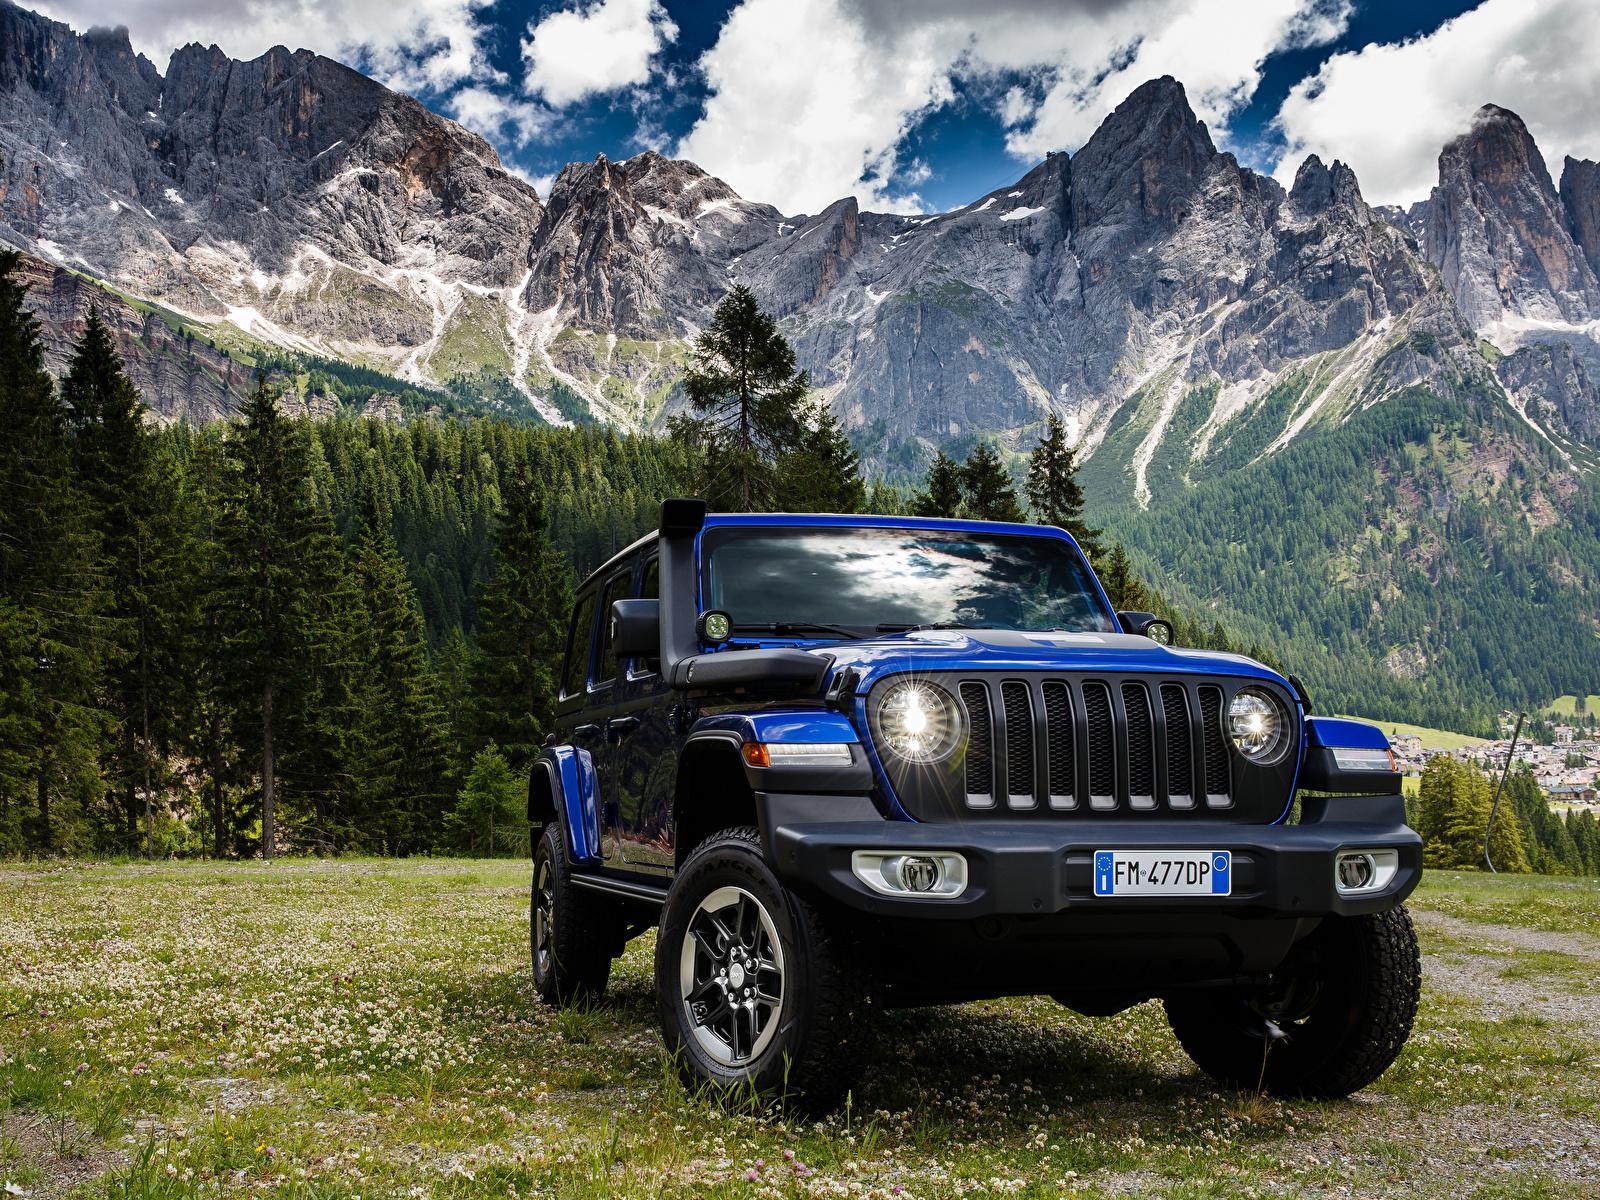 Обои для рабочего стола Jeep SUV 2019 Wrangler Unlimited Sahara 1941 by Mopar синих Автомобили 1600x1200 Джип Внедорожник синяя синие Синий авто машины машина автомобиль